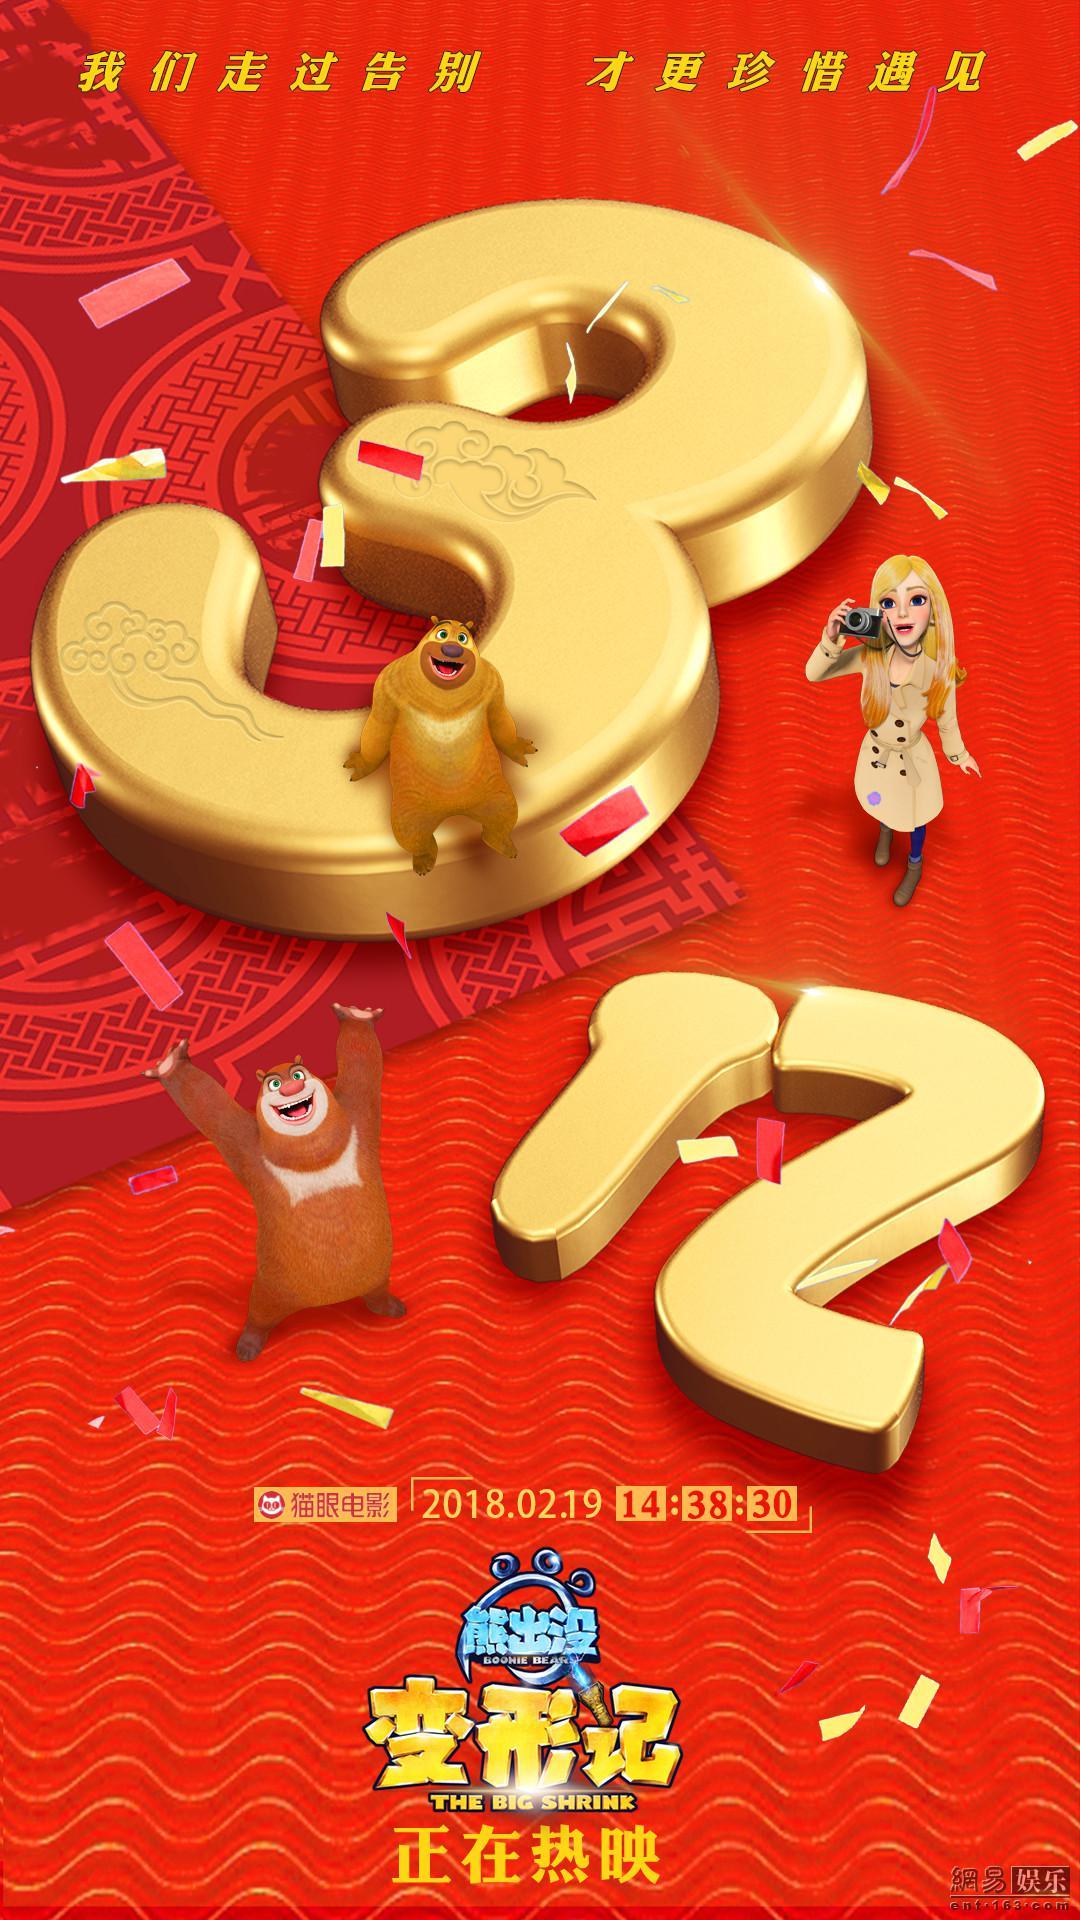 《熊出没·变形记》突破3亿票房